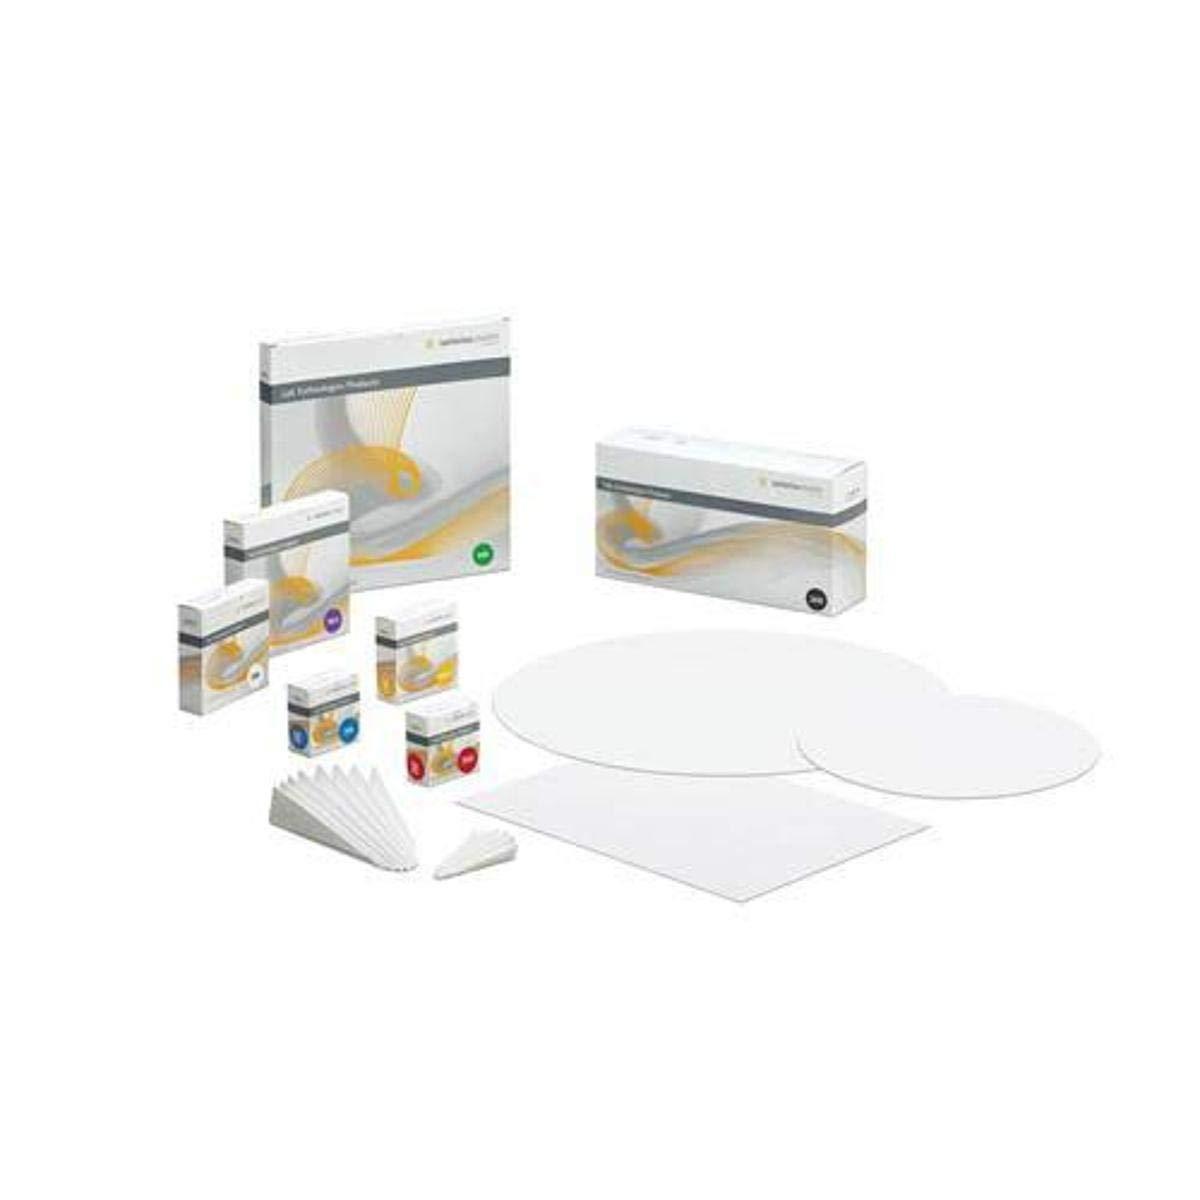 Sartorius specialty shop FT-3-104-063 391 Grade Paper Disc specialty shop Quantitative Filter